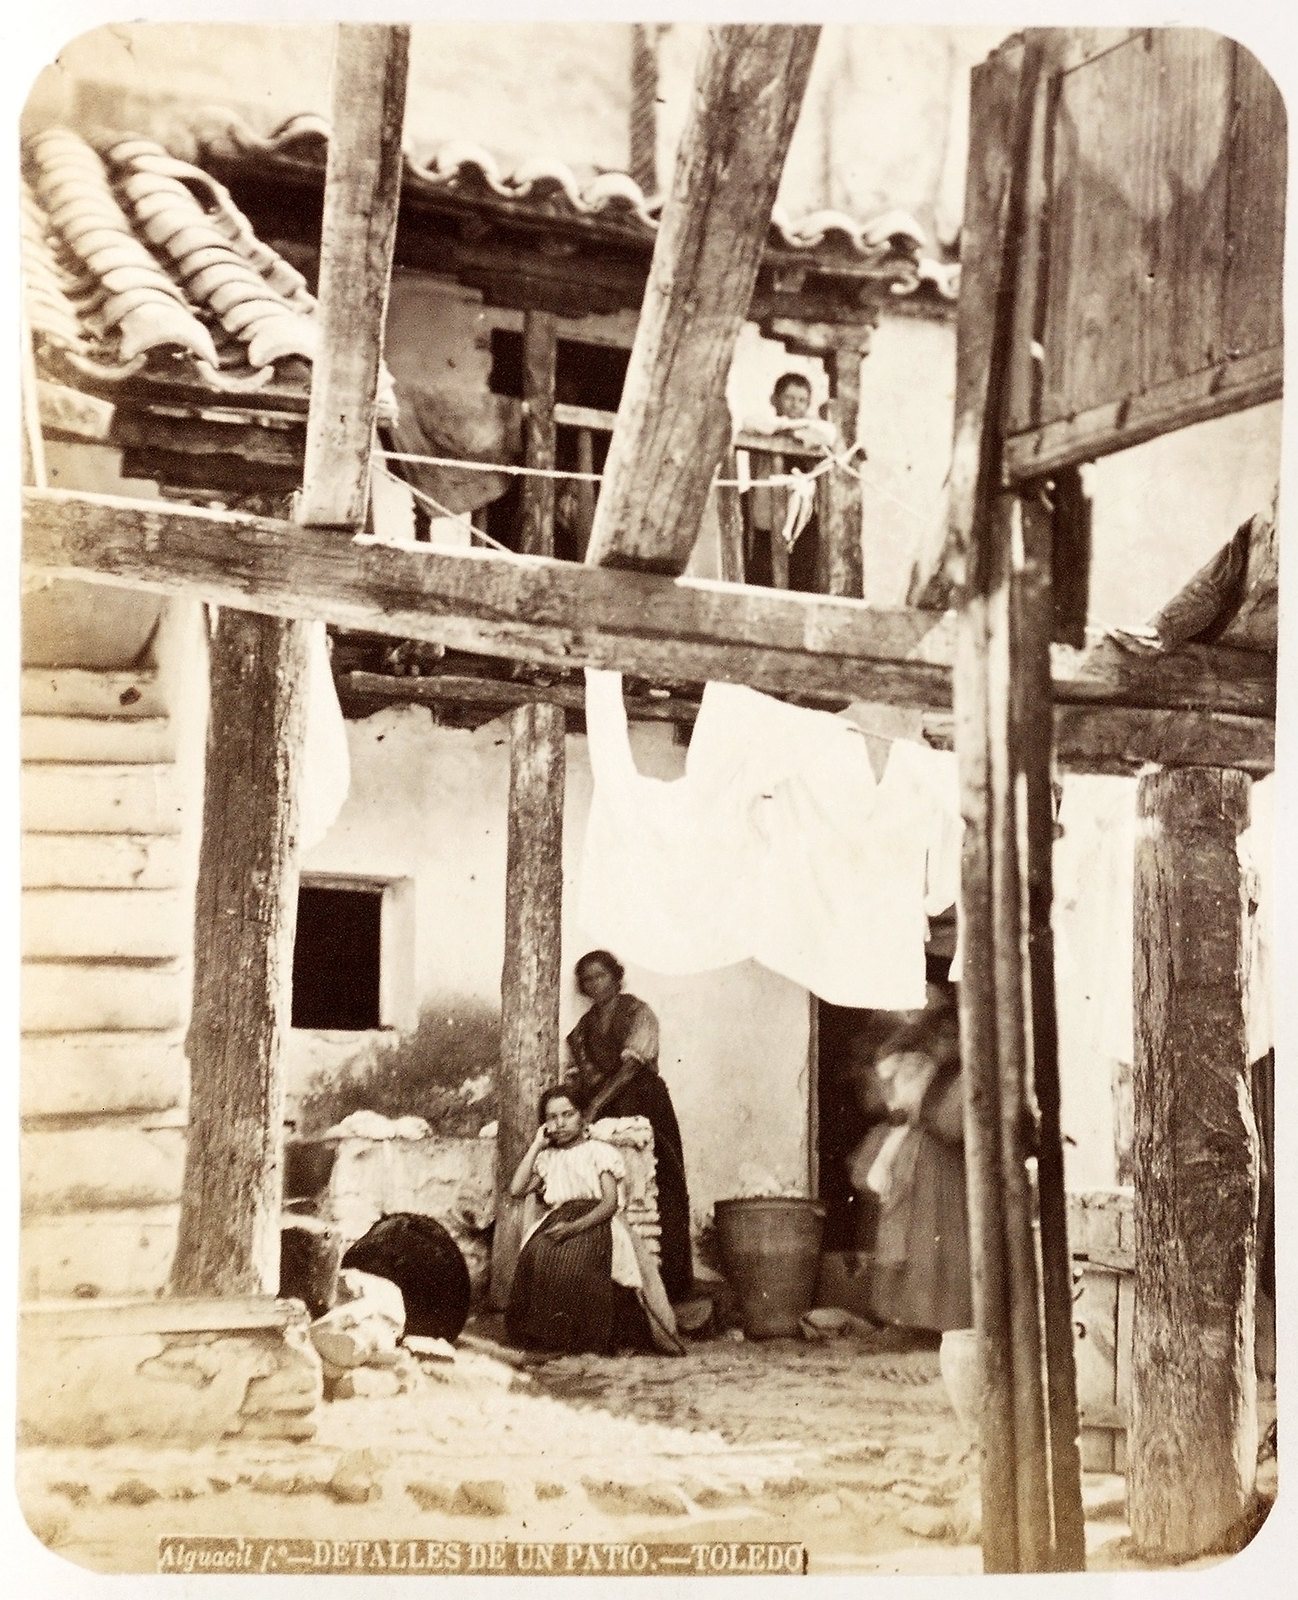 Patio de Toledo hacia 1879. Álbum de la National Gallery con fotos de Casiano Alguacil.